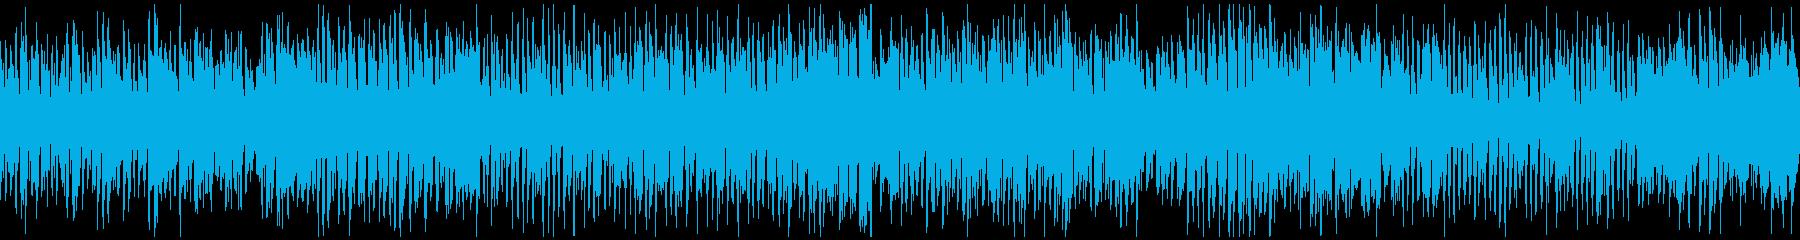 リコーダー生演奏お笑いコメディ※ループ版の再生済みの波形